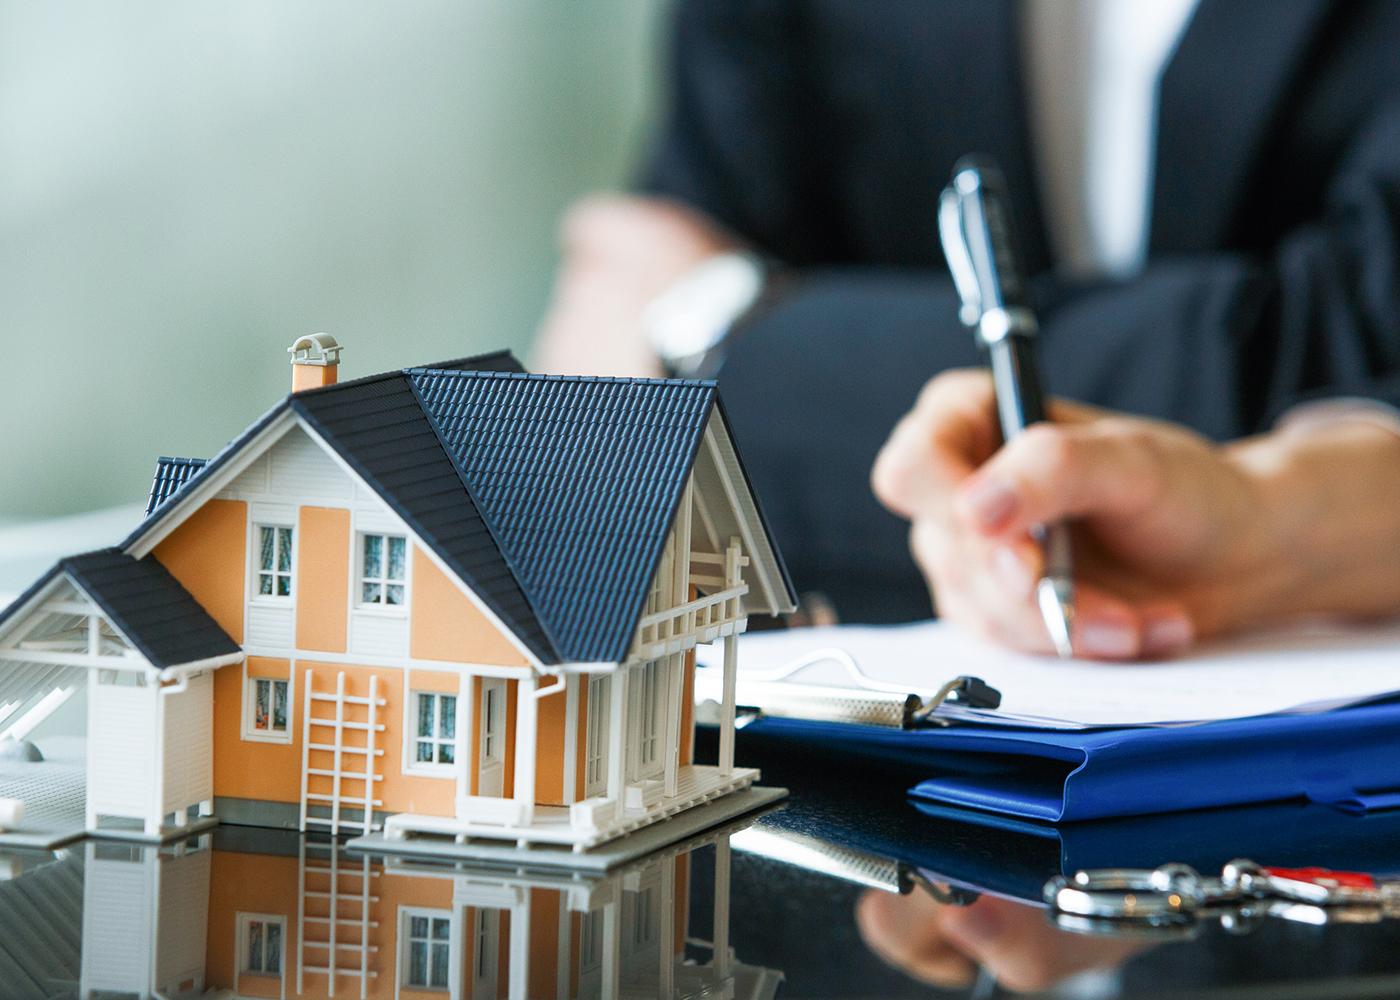 agente imobiliário